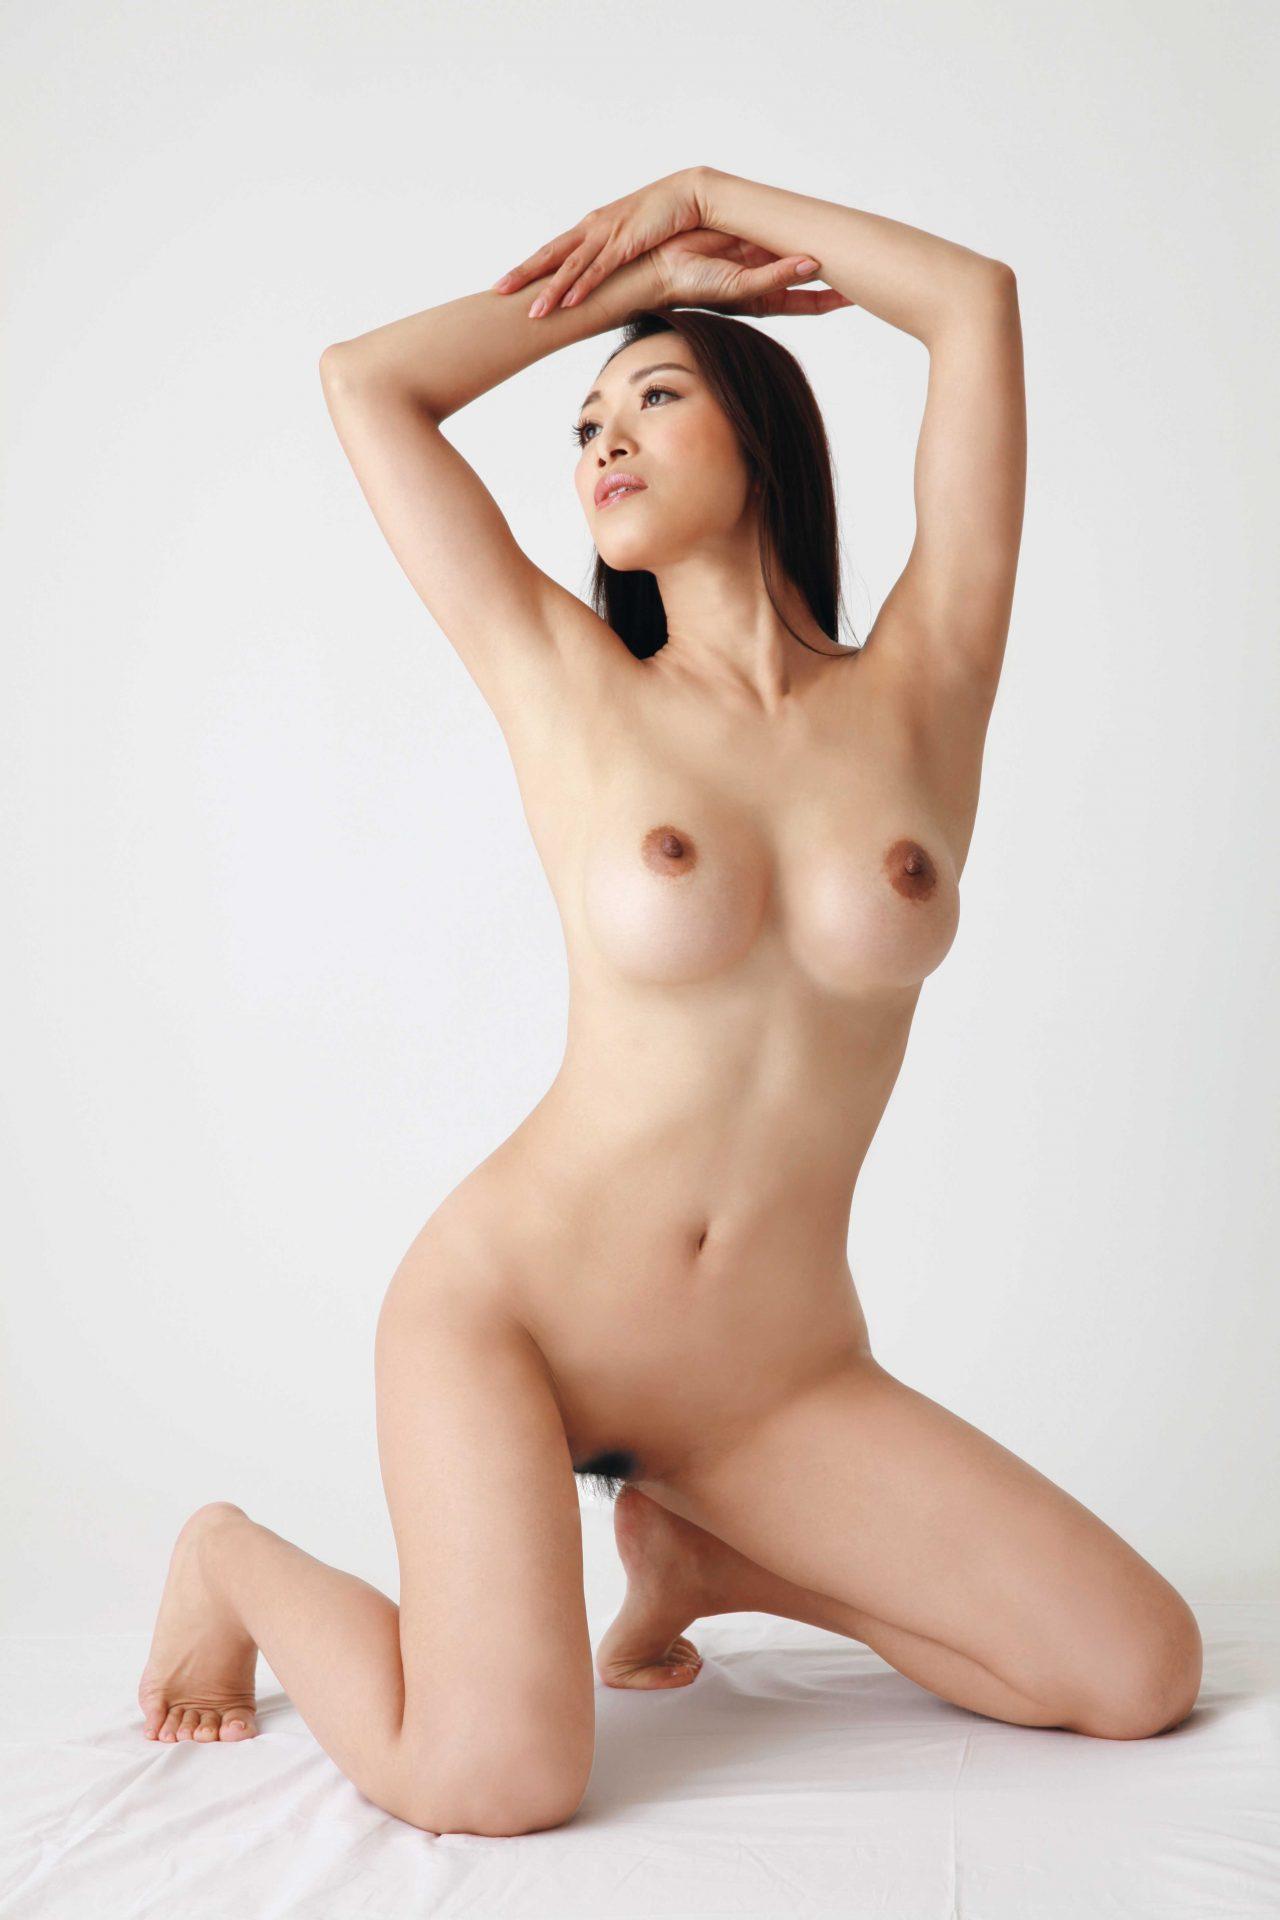 三次元 3次元 エロ画像 AV女優 小早川怜子 ヌード べっぴん娘通信 007